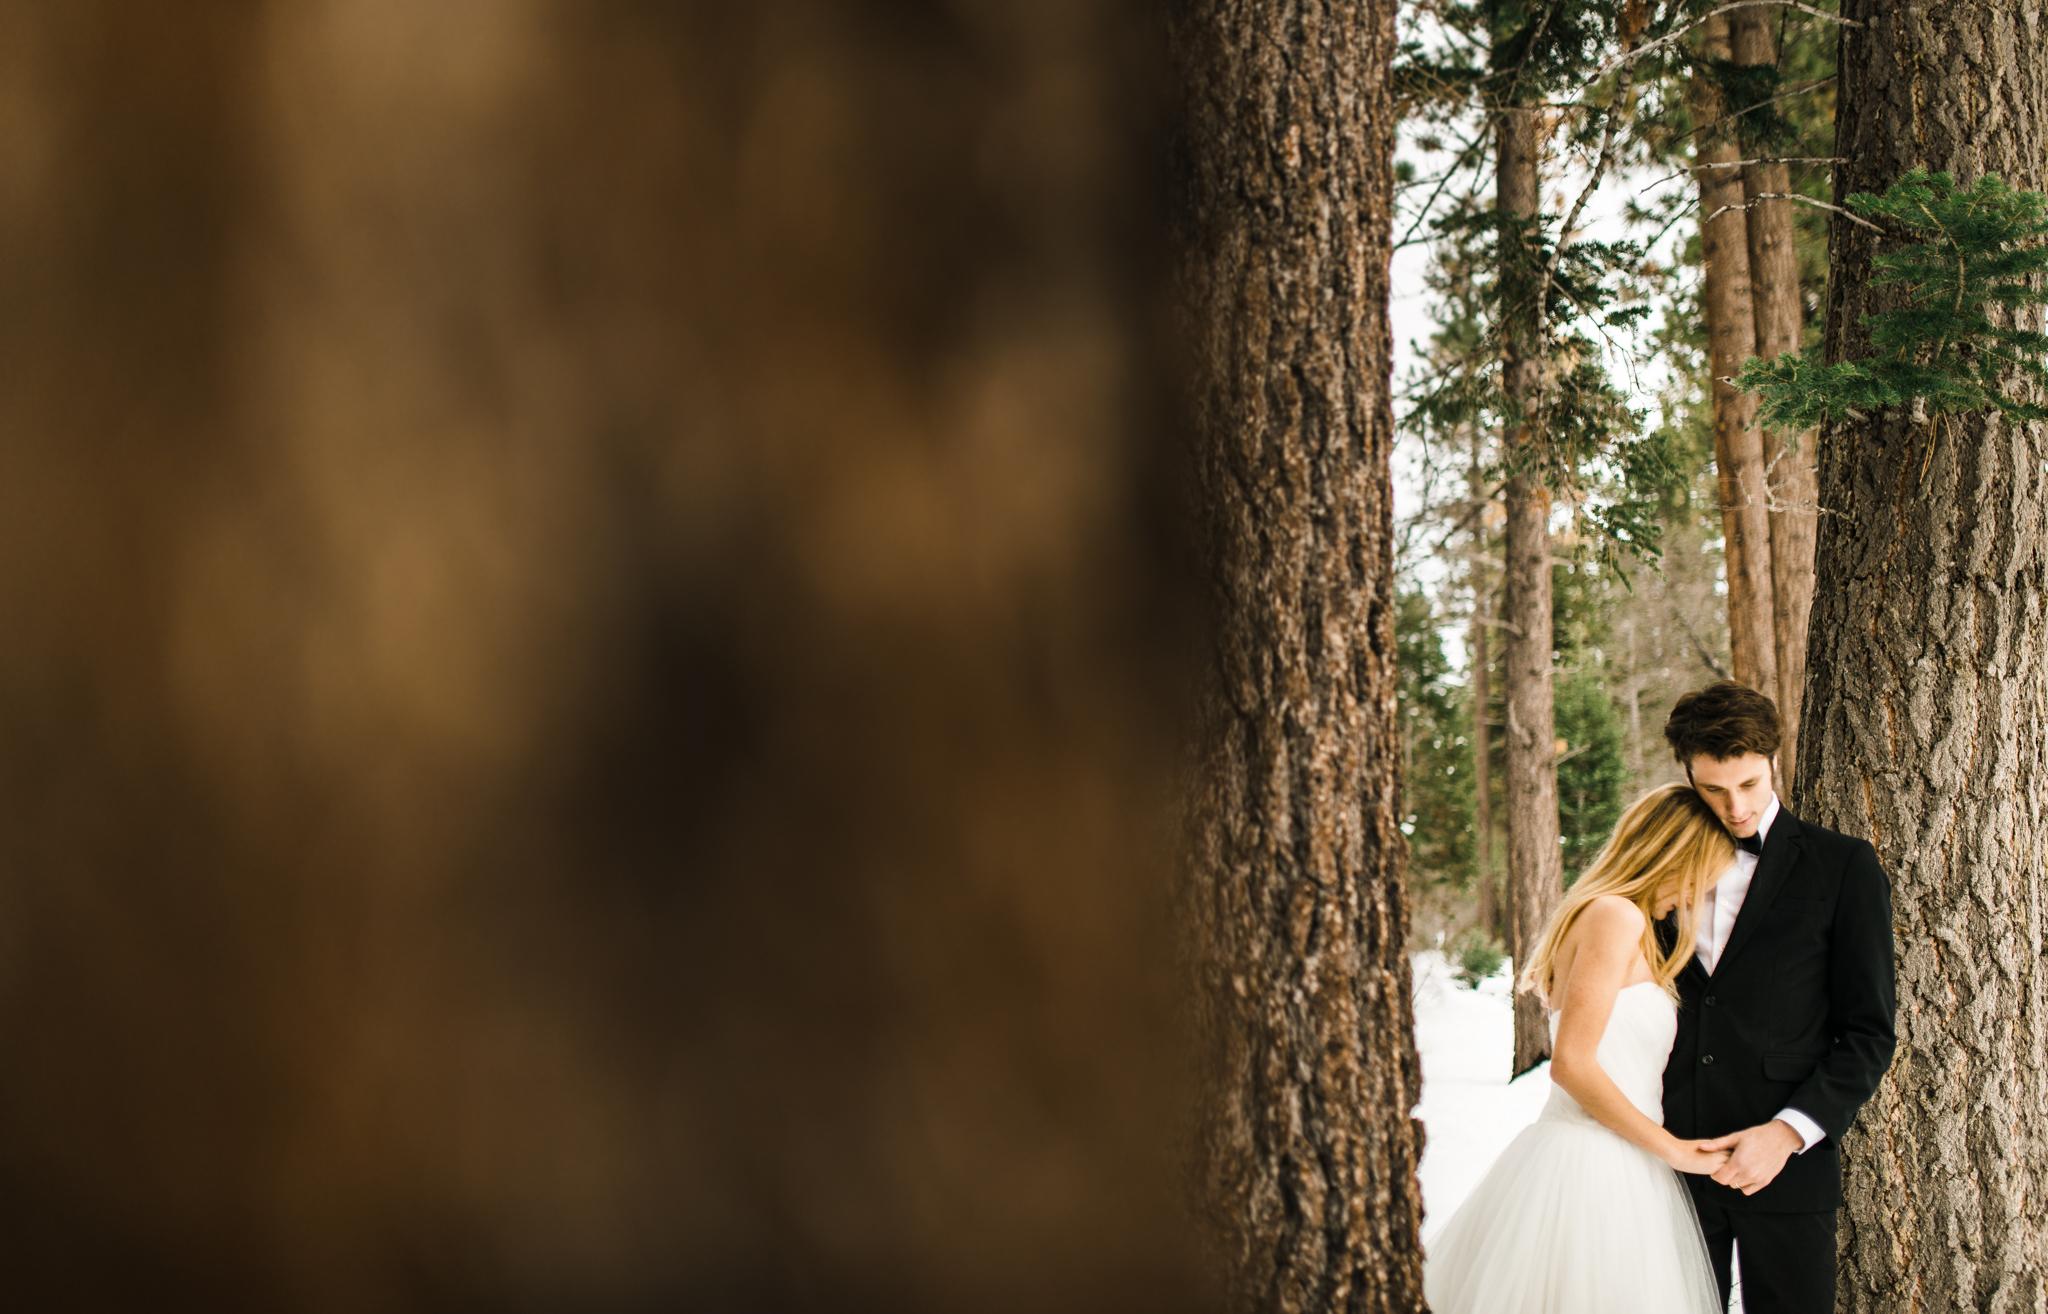 ©Isaiah & Taylor Photography - Ben & Kadin Honeymoon-021.jpg